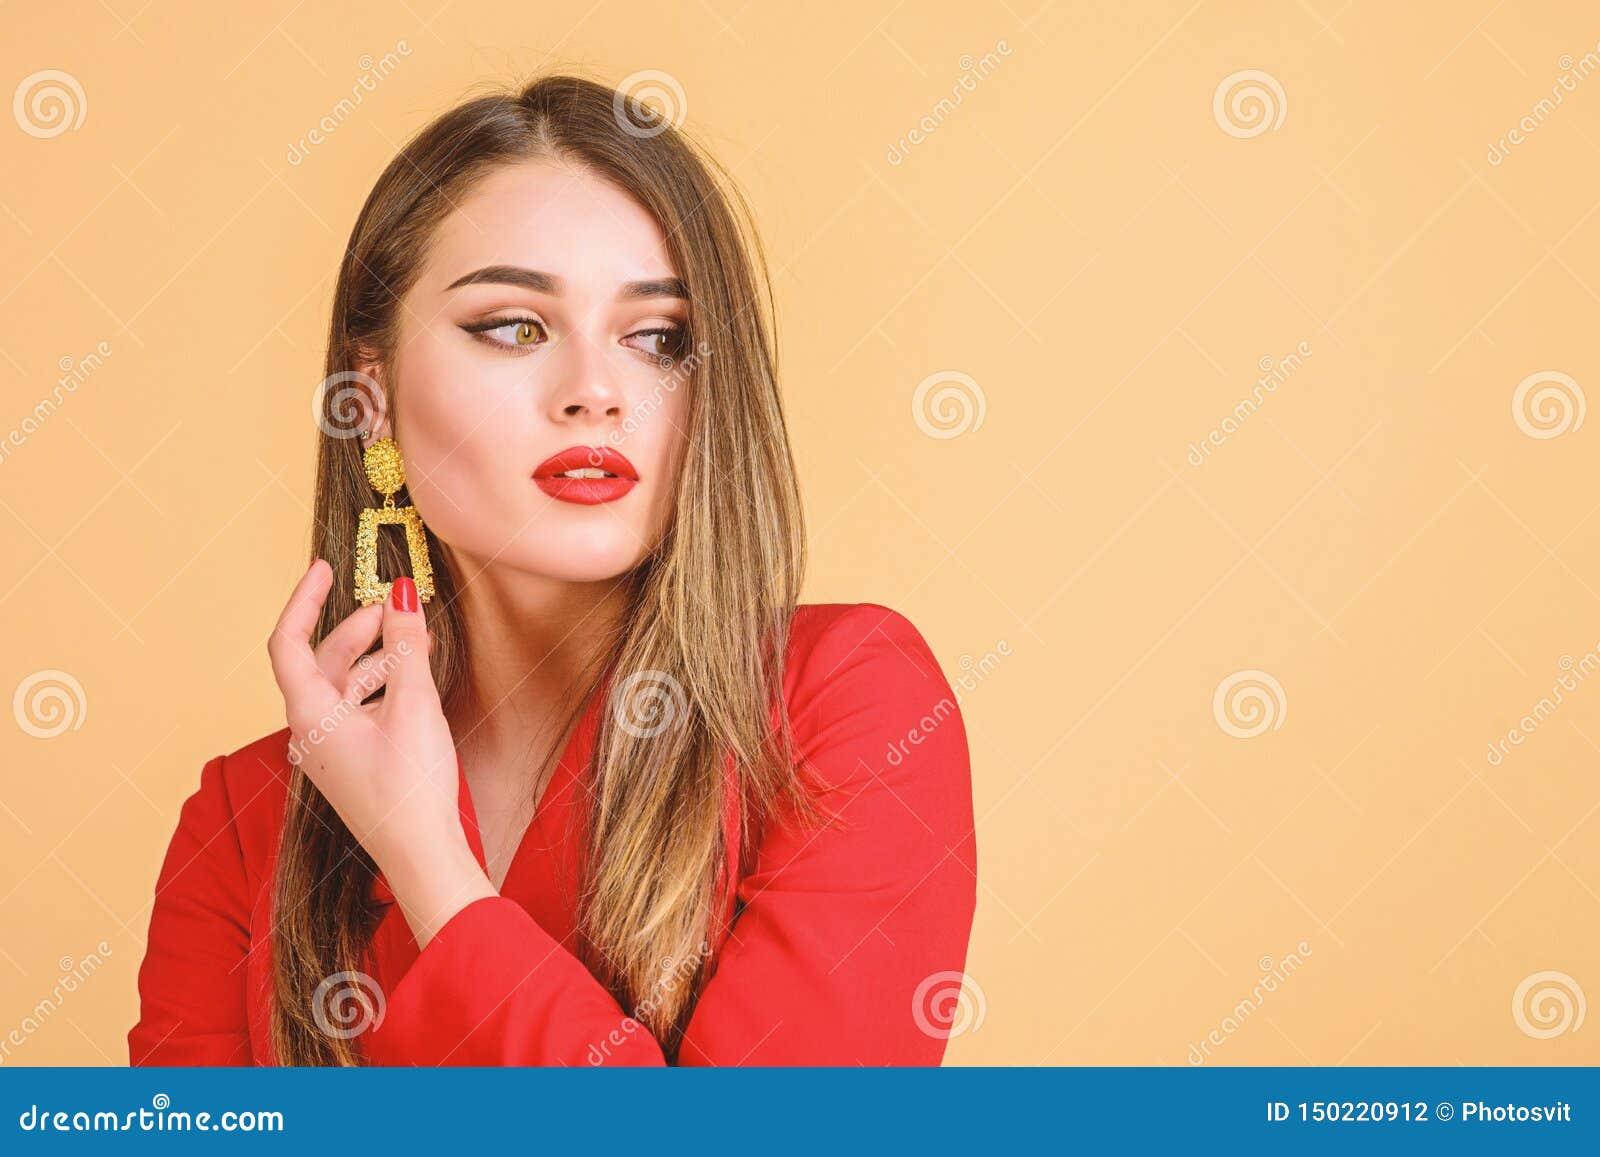 De Grote Bazaar van Istanboel - juwelenwinkel Meisjes model lang haar die gouden juwelenoorringen aantonen Dure toebehoren Modieu